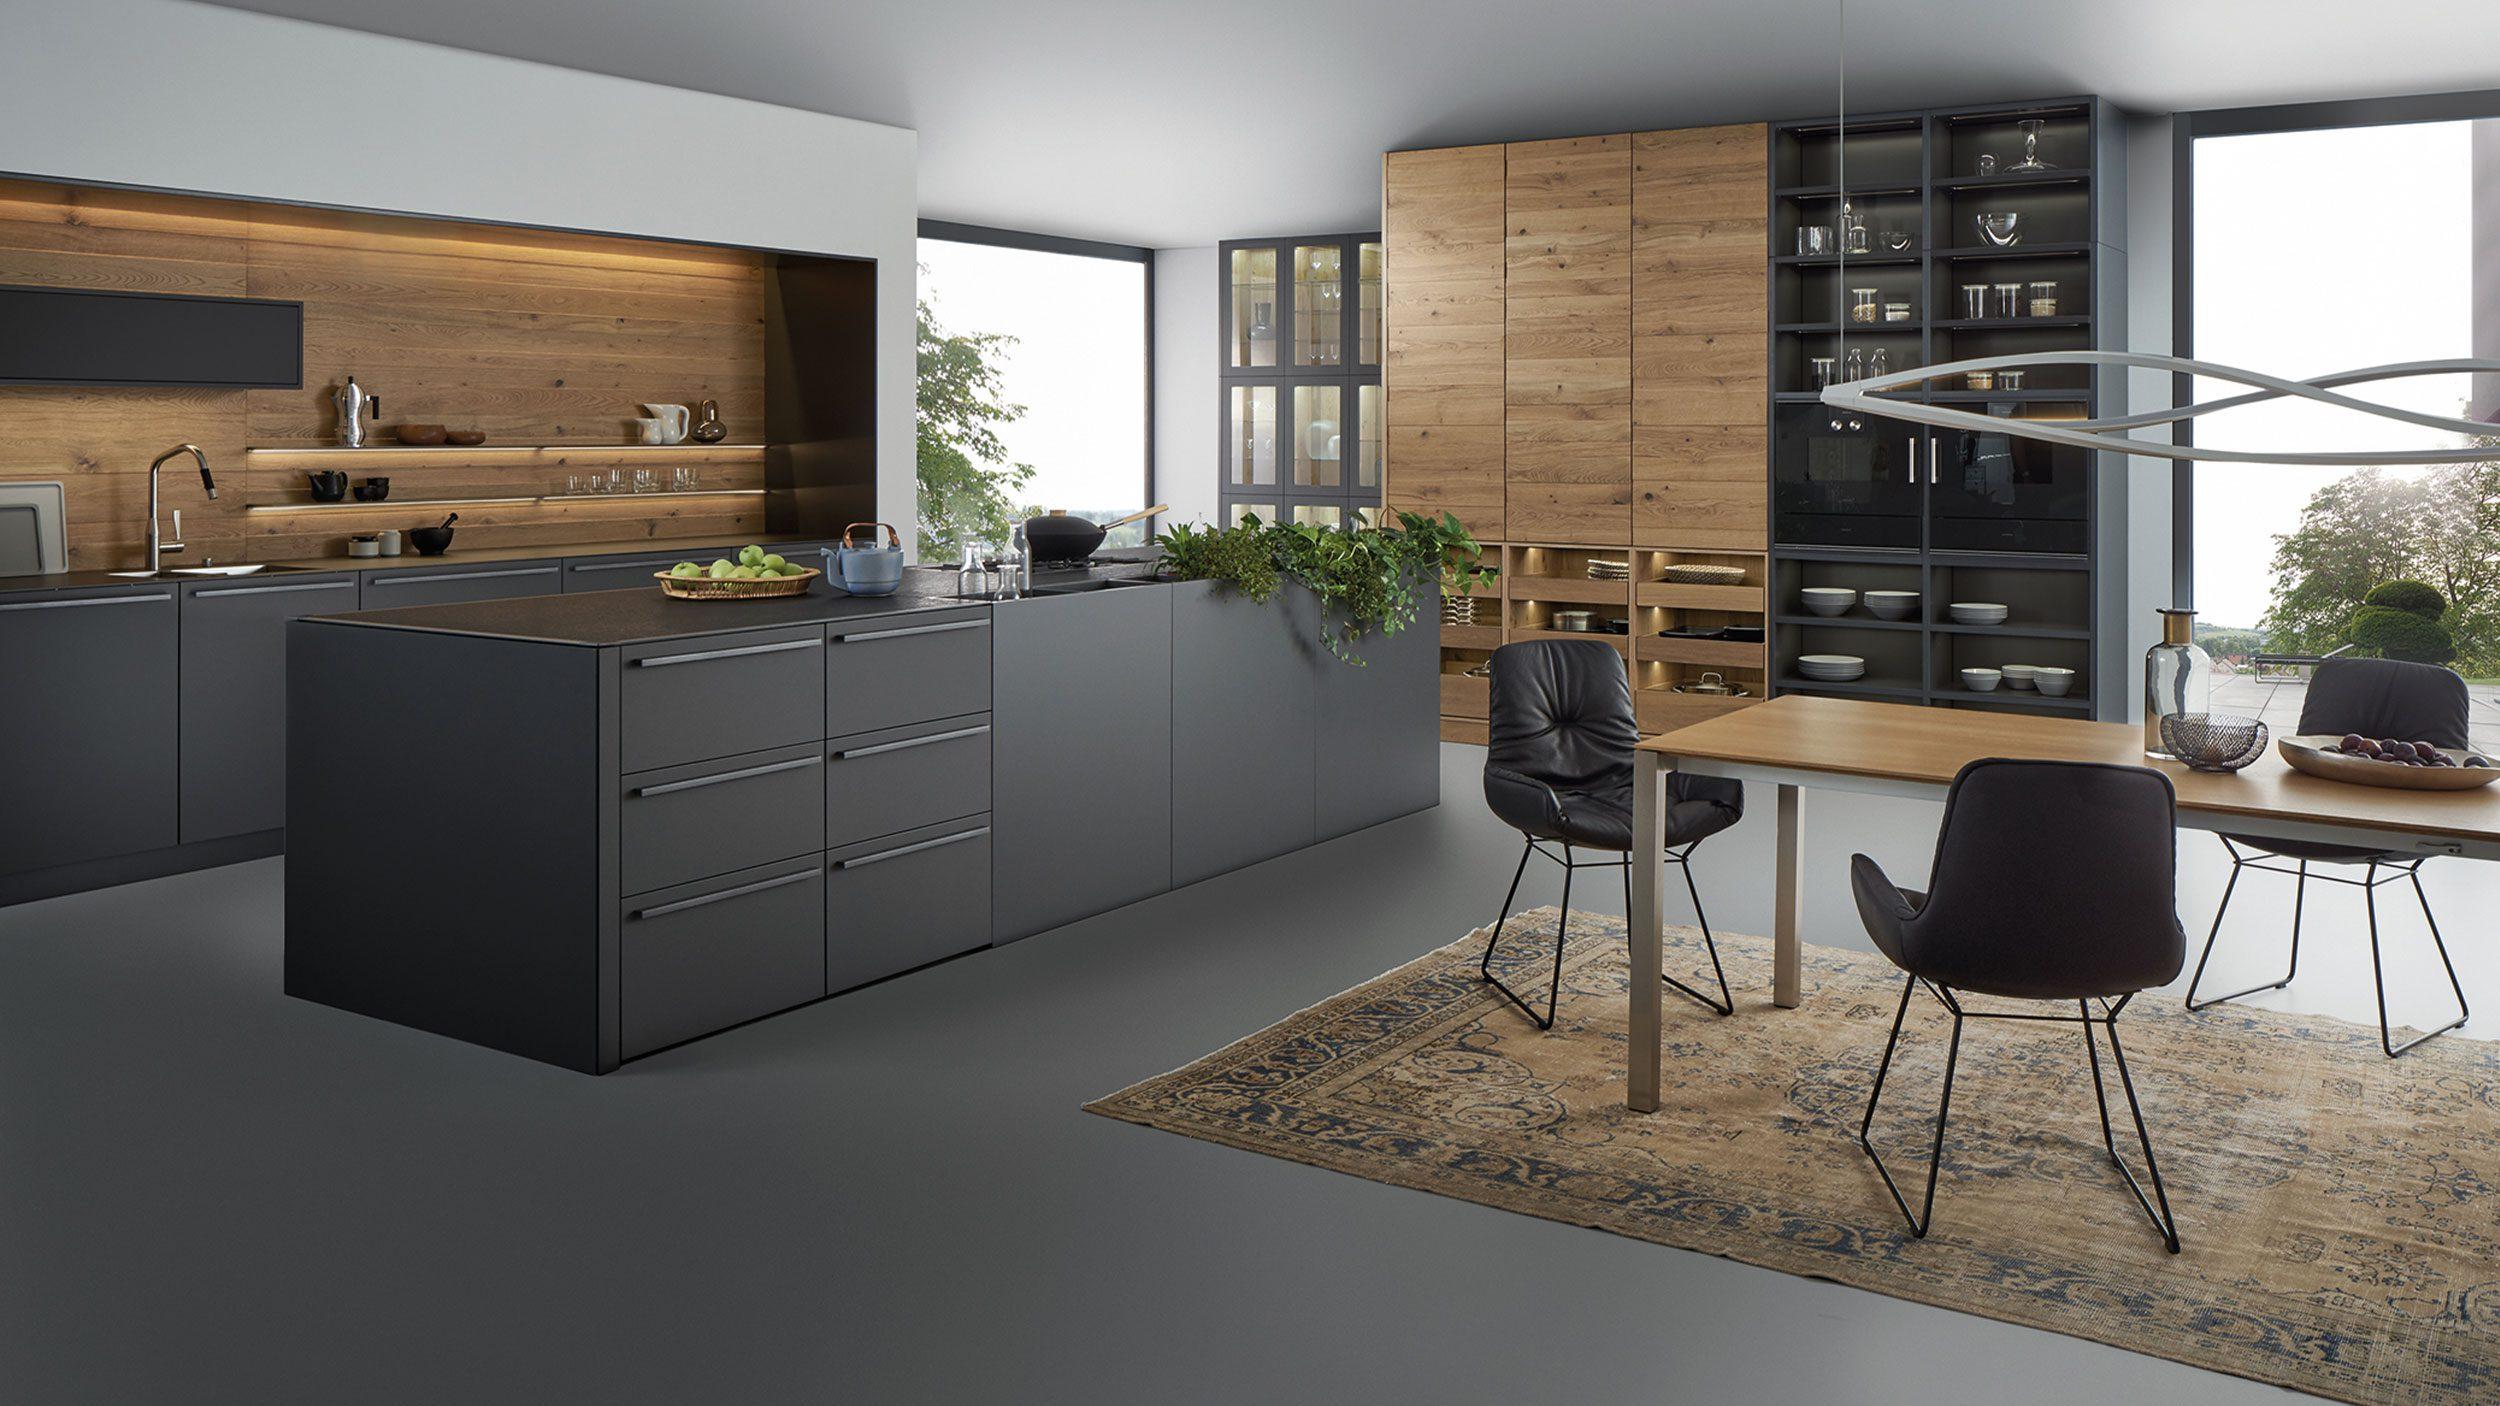 Gesamtansicht der Küche von LEICHT, Gestaltungslinie EVO